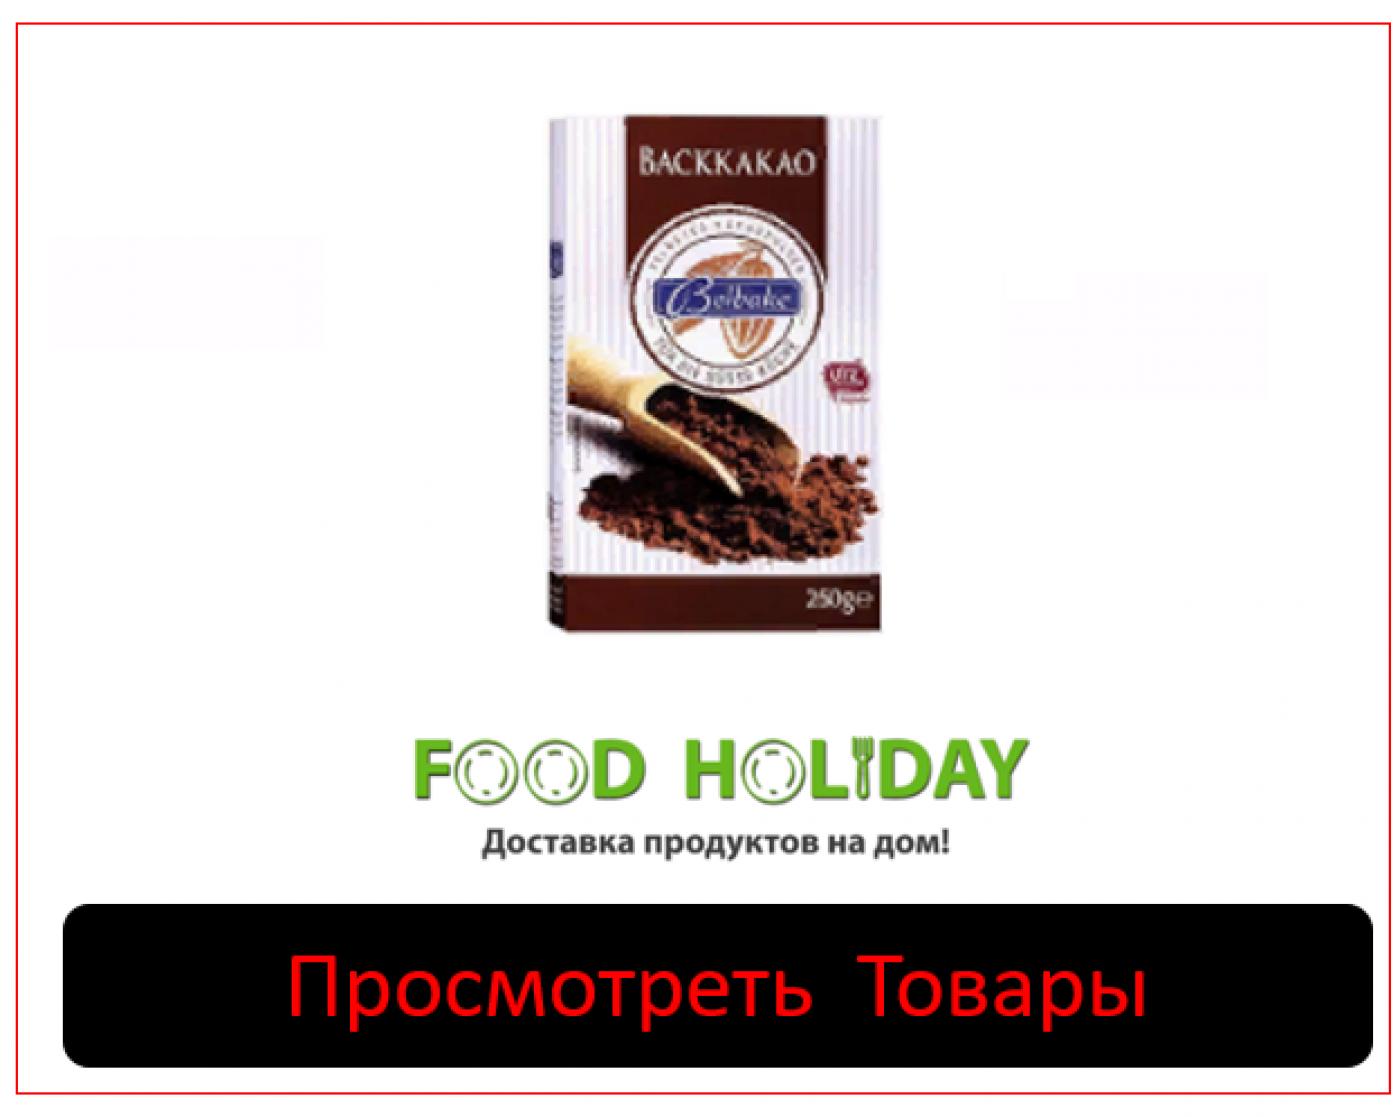 КАКАО Купить Оптом в Москве санки Петербурге поставки по всей России